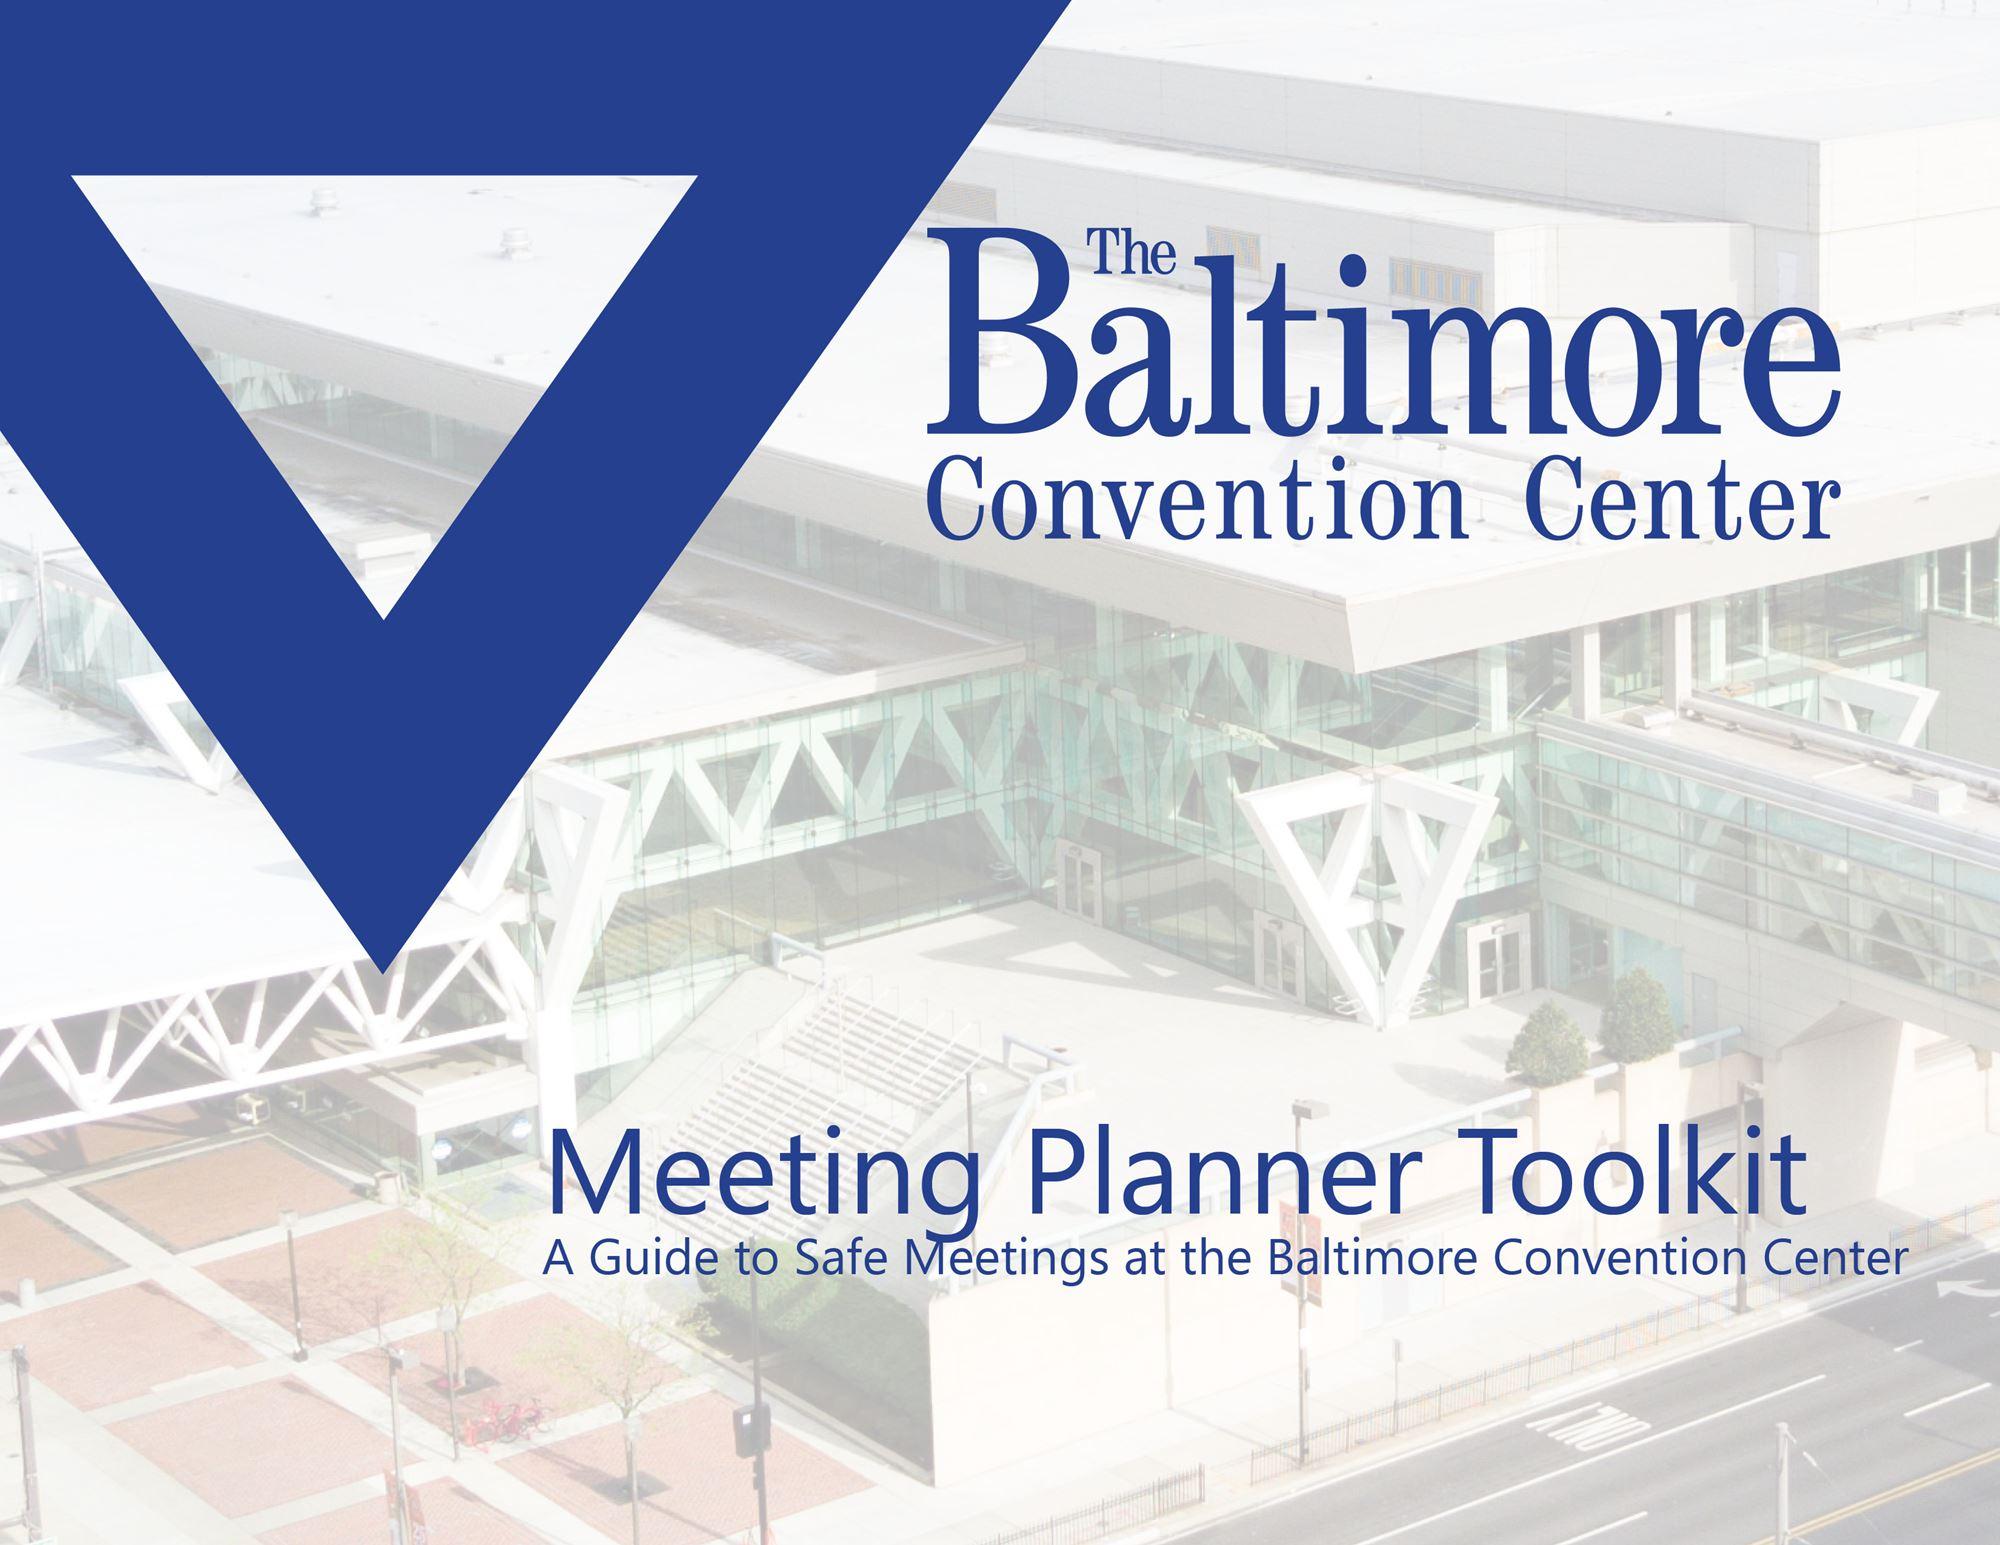 Meeting Planner Toolkit